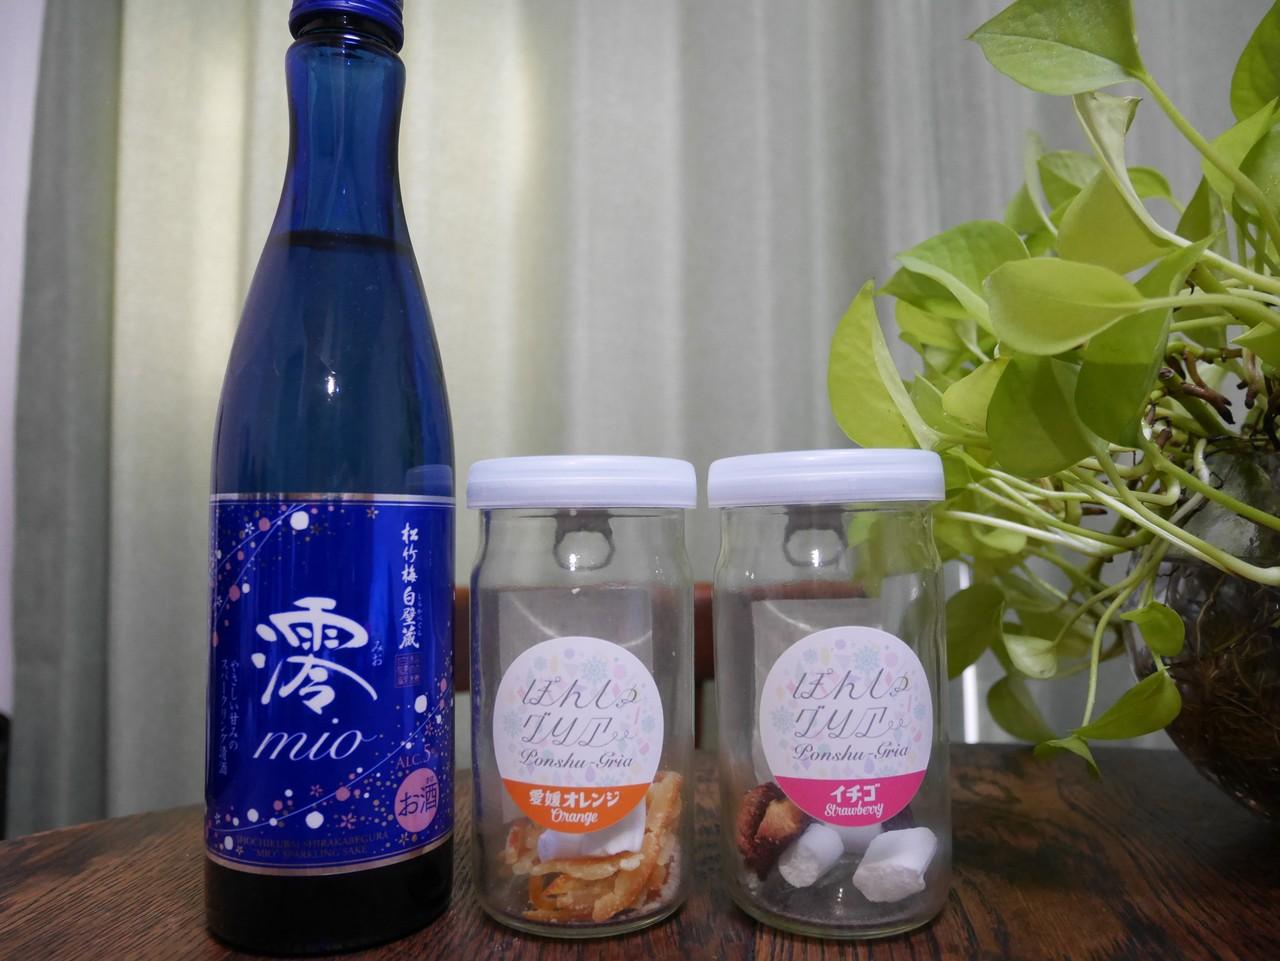 日本酒カクテルの素・ぽんしゅグリア「愛媛オレンジ」「イチゴ」と松竹梅「澪」